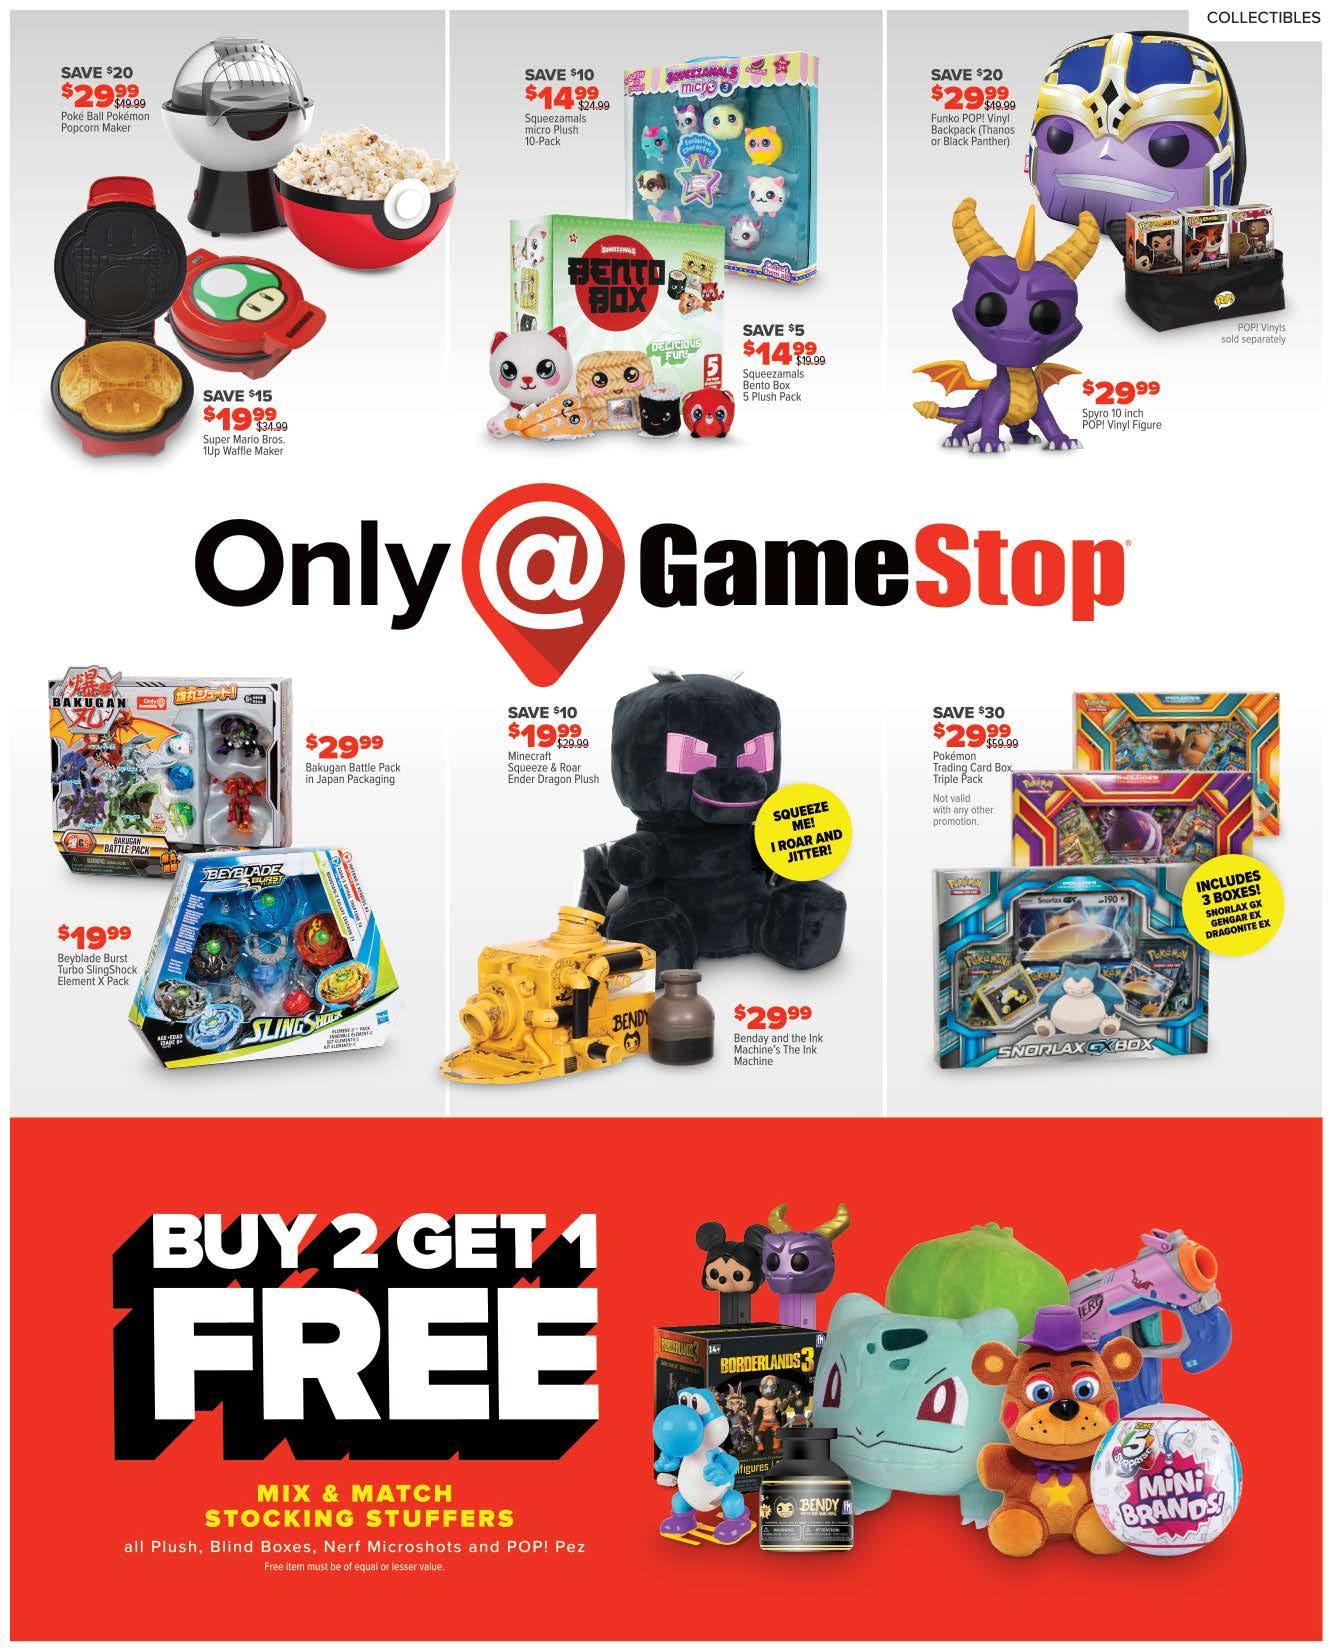 GameStop Black Friday 2019 Page 11